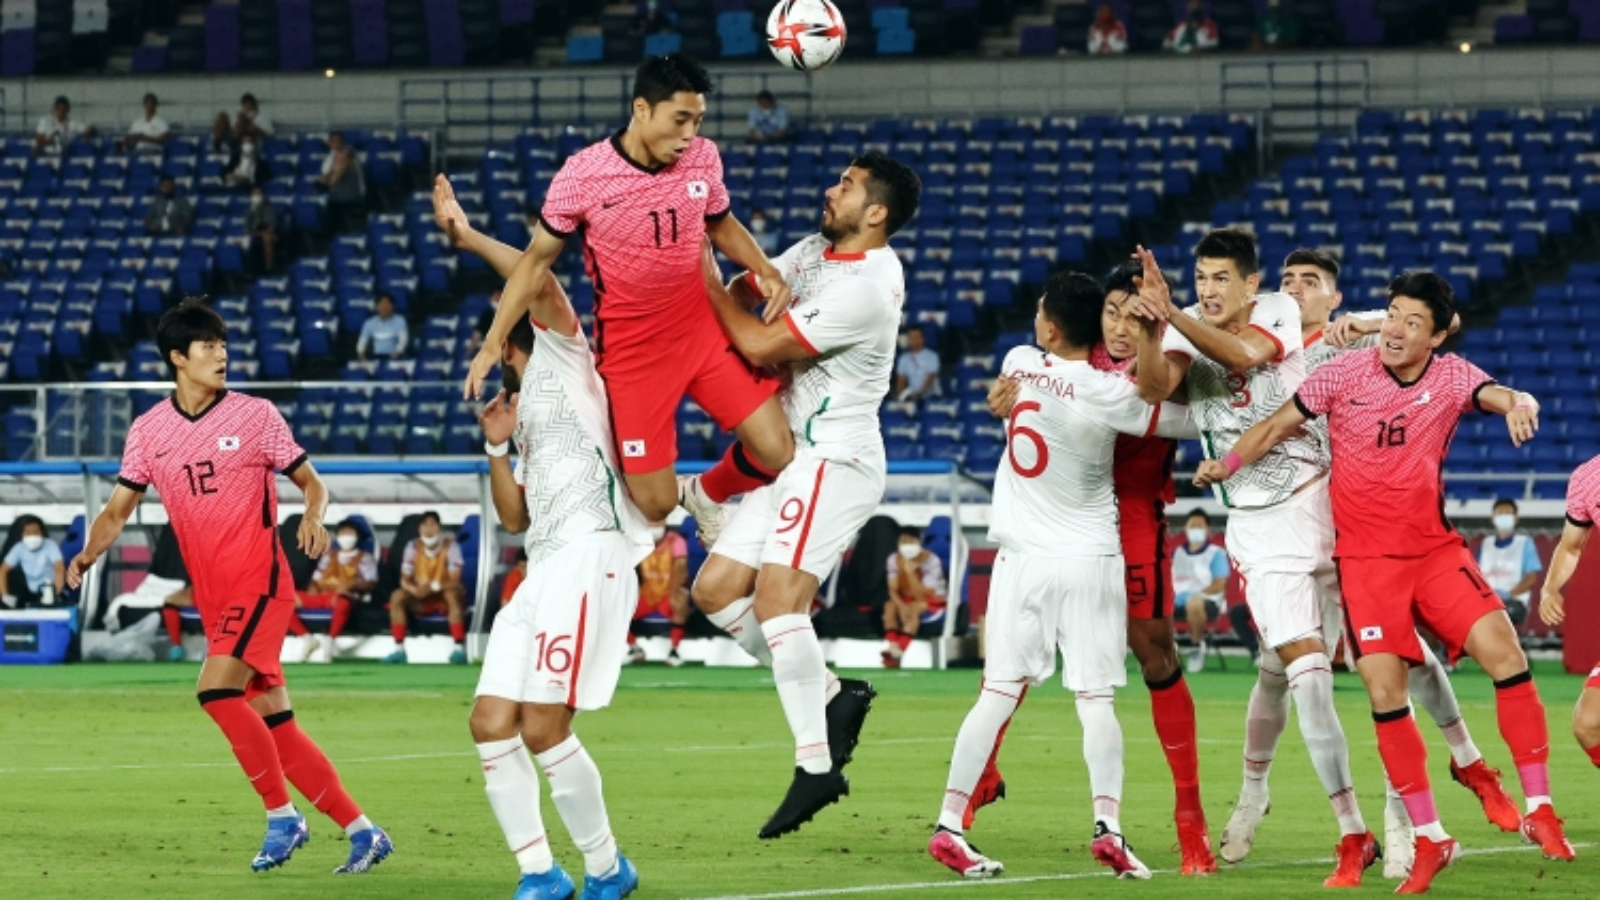 TRỰC TIẾP Hàn Quốc 1-1 Mexico: Lee Dong Gyeong lập siêu phẩm